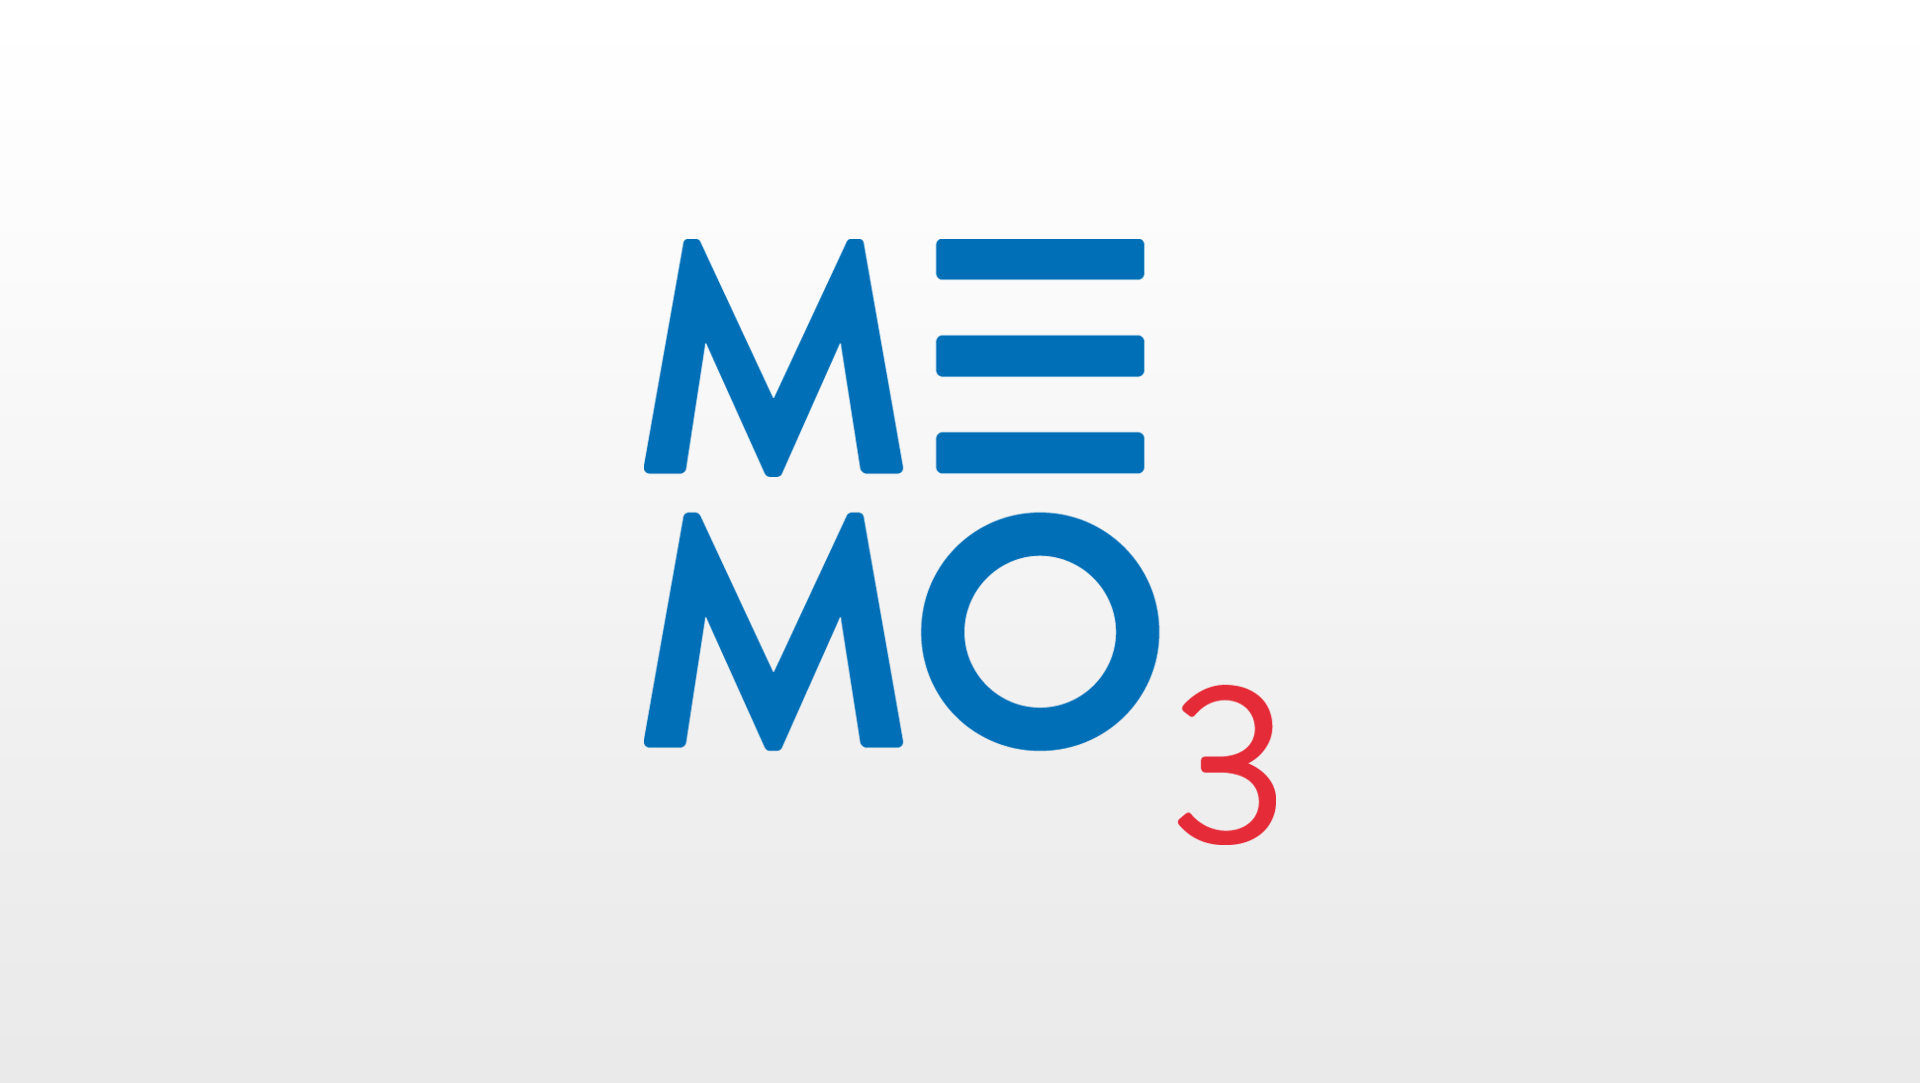 memo32015_logo_farbig_outro_v0.1